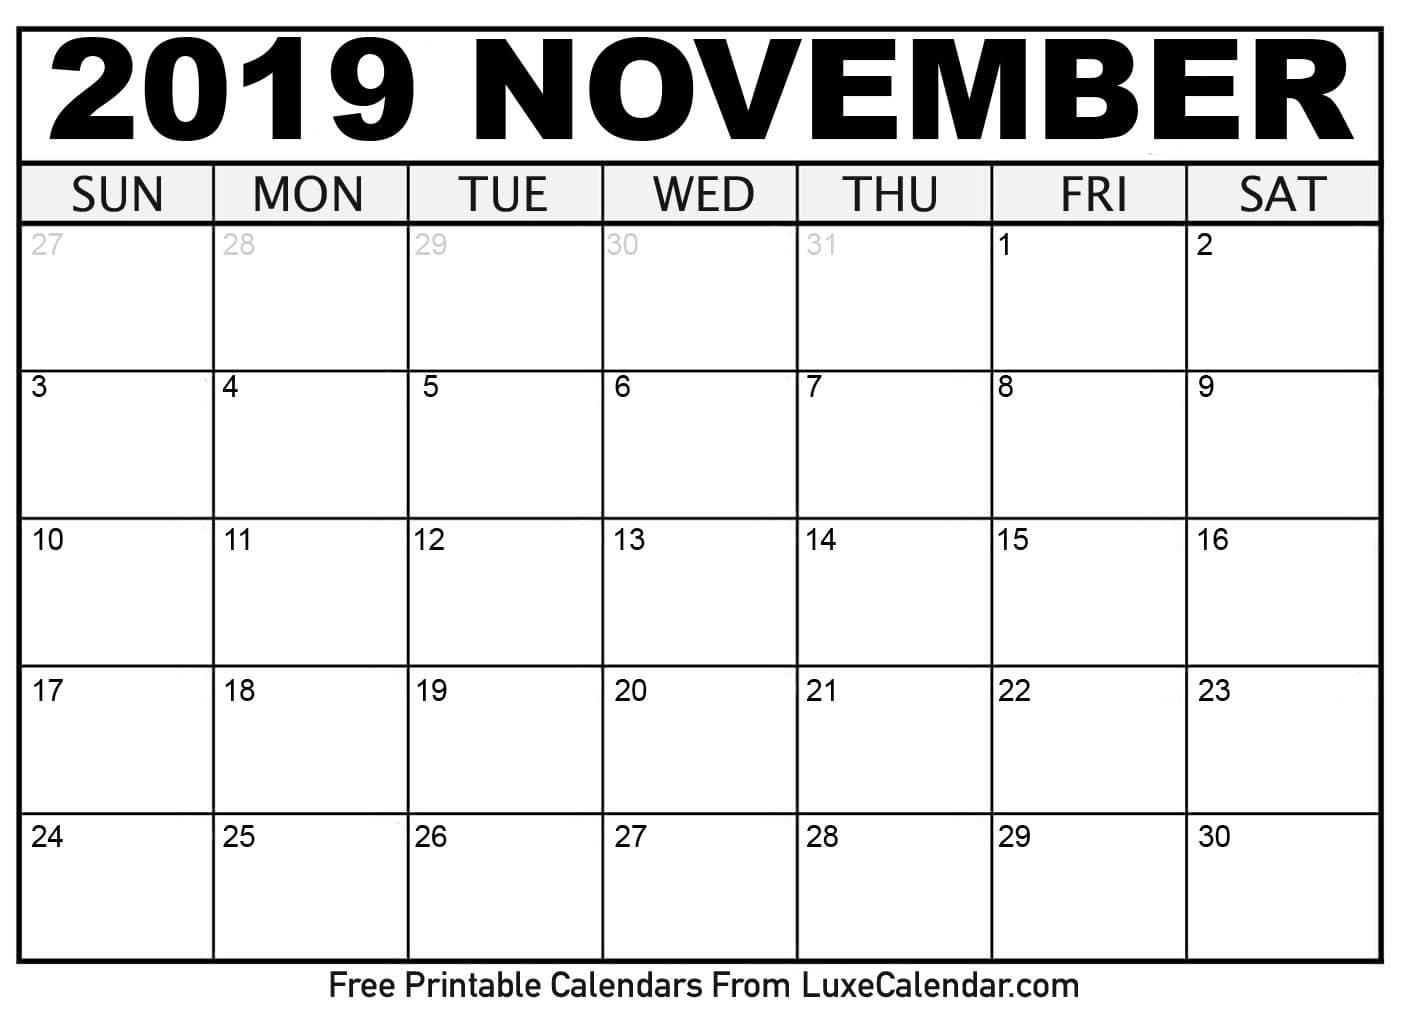 Blank November 2019 Printable Calendar - Luxe Calendar Calendar 2019 November